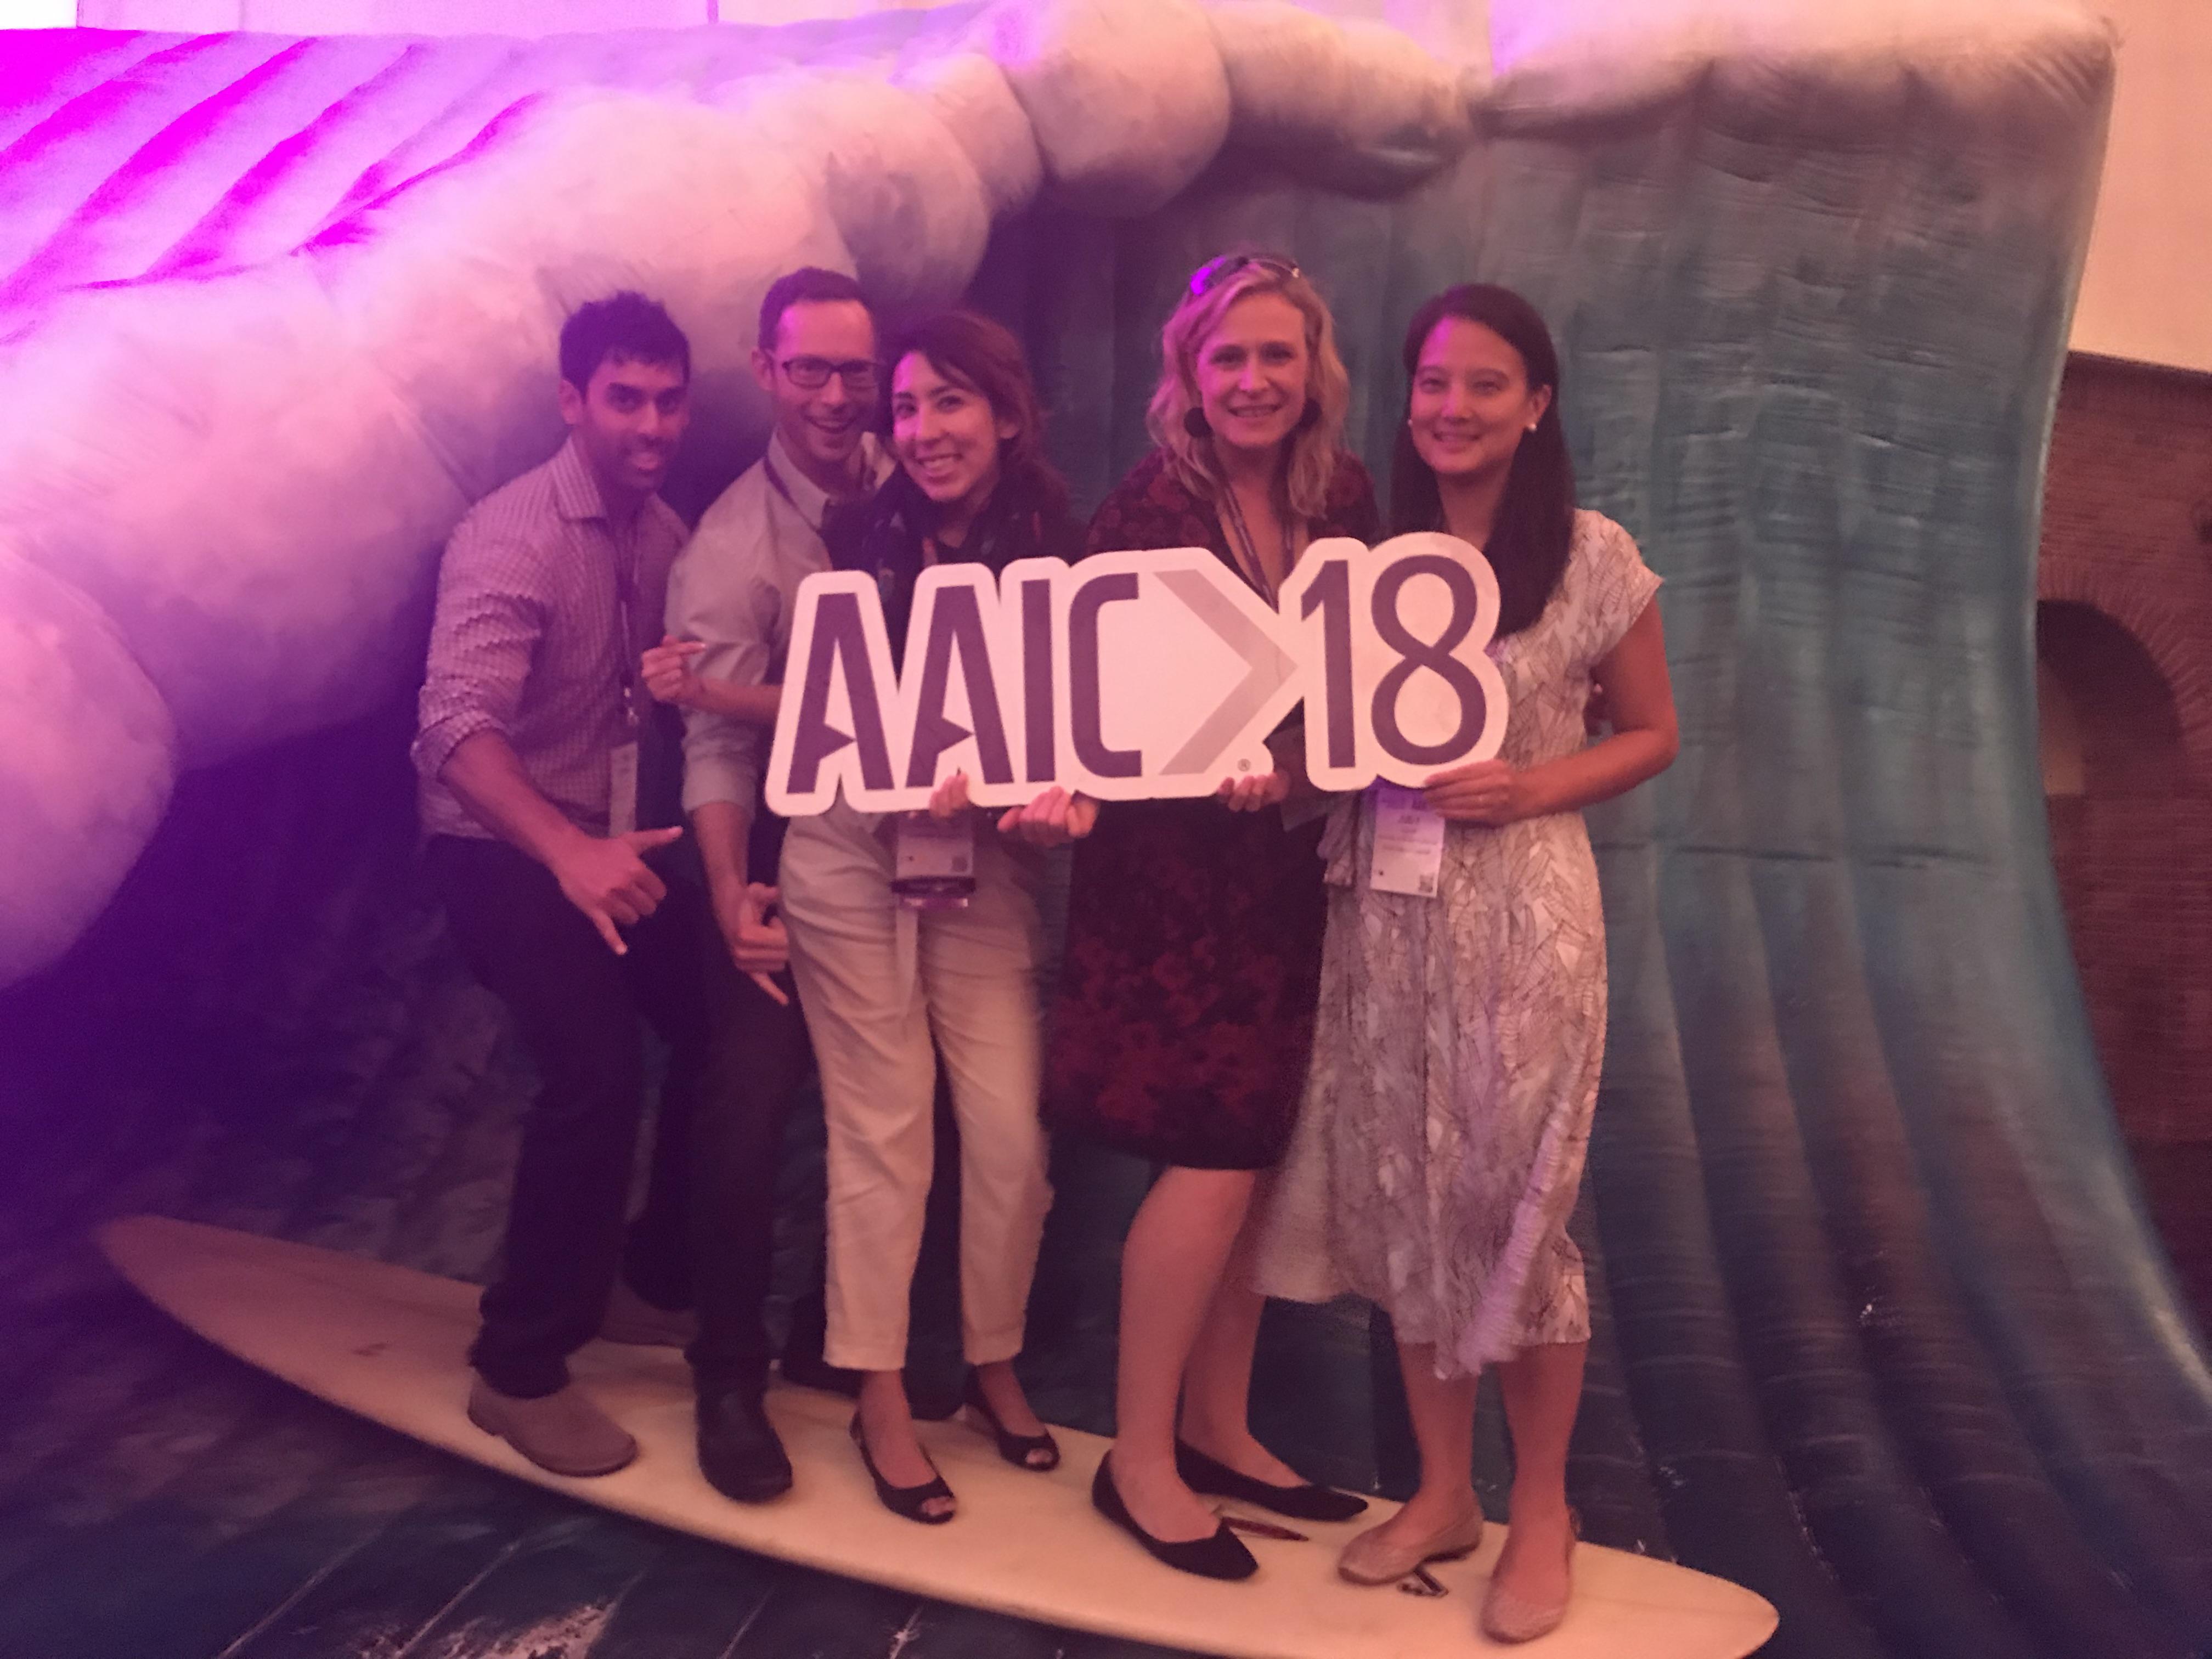 AAIC Surfboard